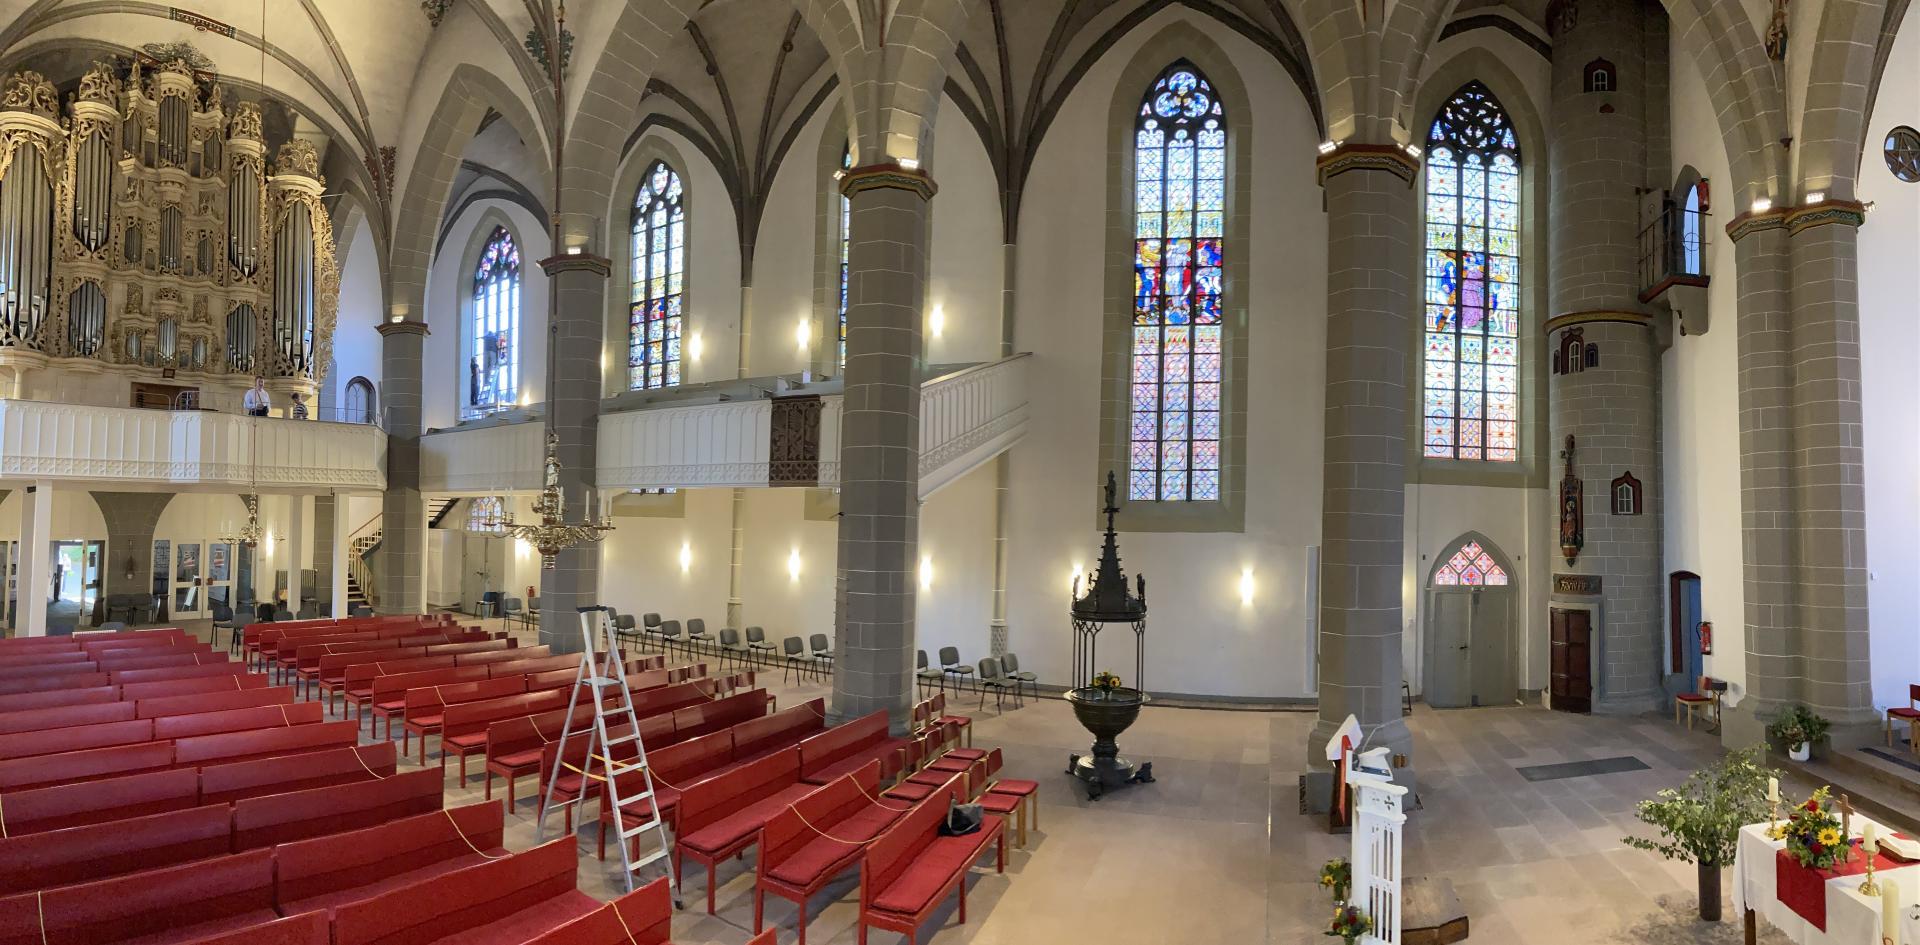 Letzte Aufhängungen am 08.09.2021- auf der Orgelempore Lutz Baumann, Chef des Ingenieurbüros in Chemnitz, und hinten links Nicole Sterzing mit Kim Kappes auf dem Gerüst